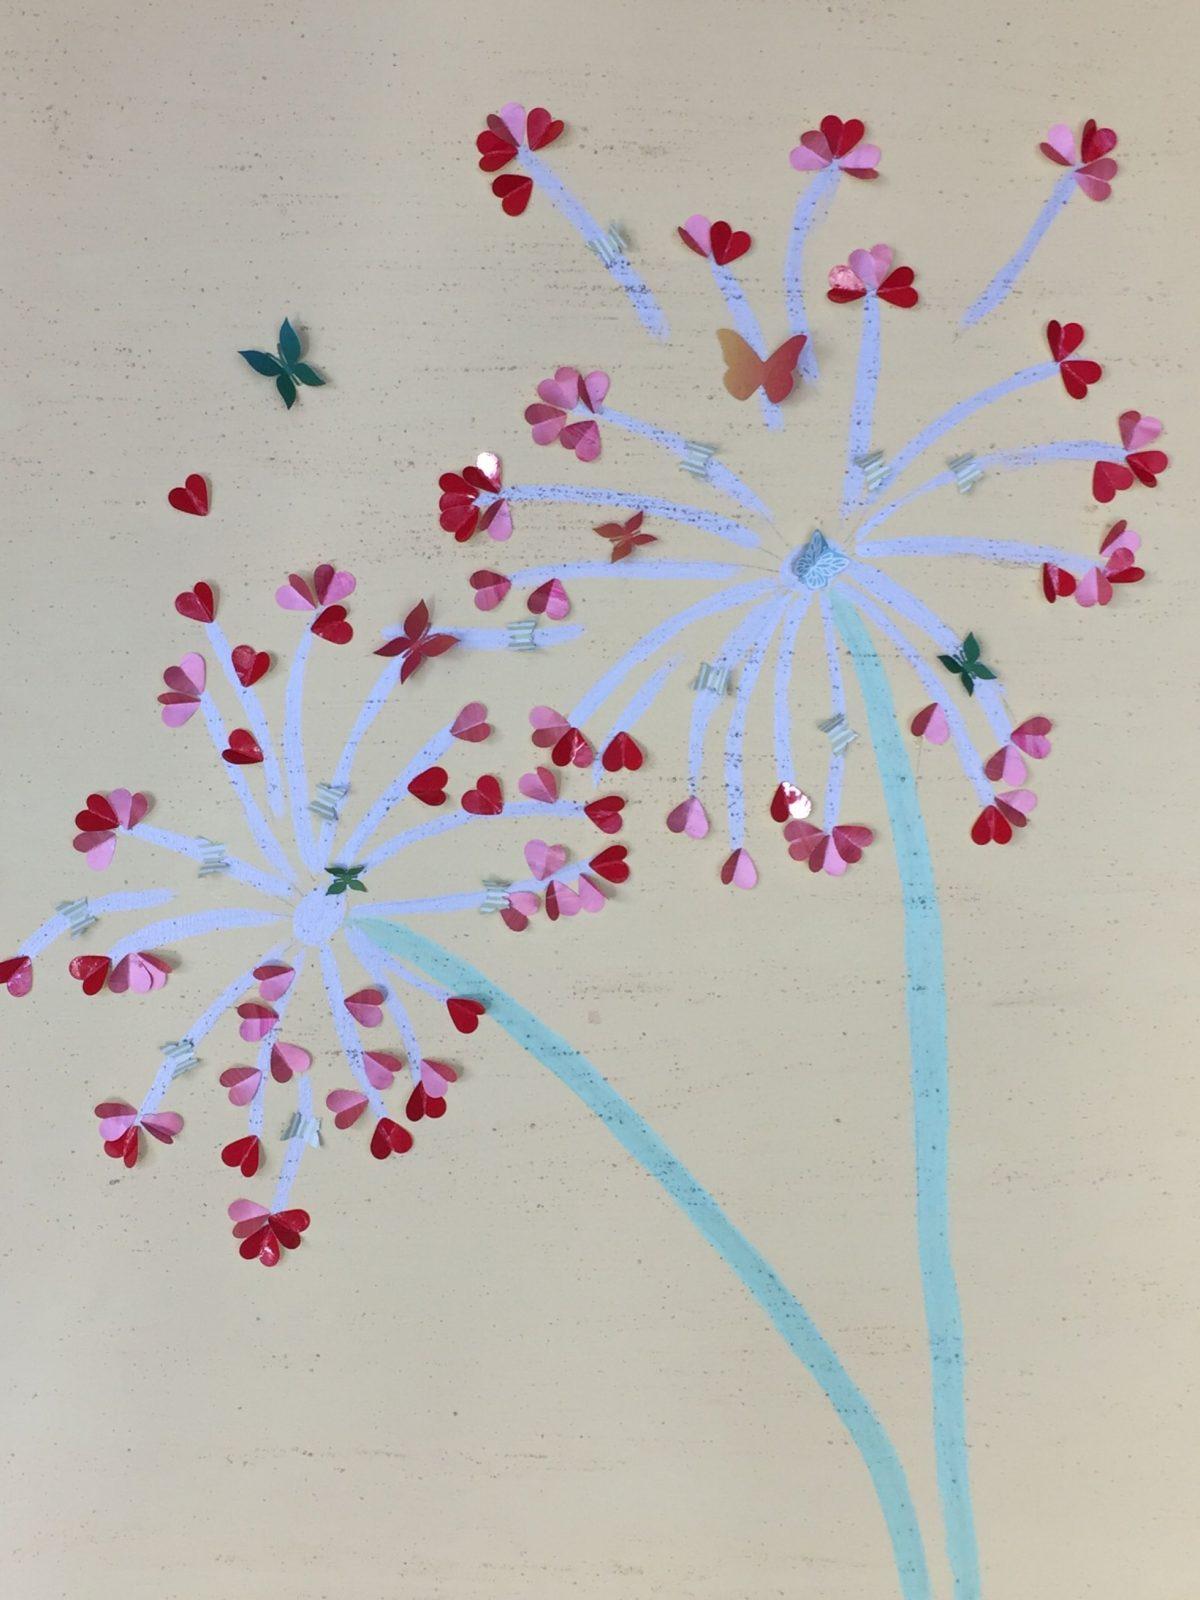 Leinwand Gestalten Mit Kindern Schmetterlinge Pusteblume  Selfmade von Leinwand Gestalten Mit Kindern Bild